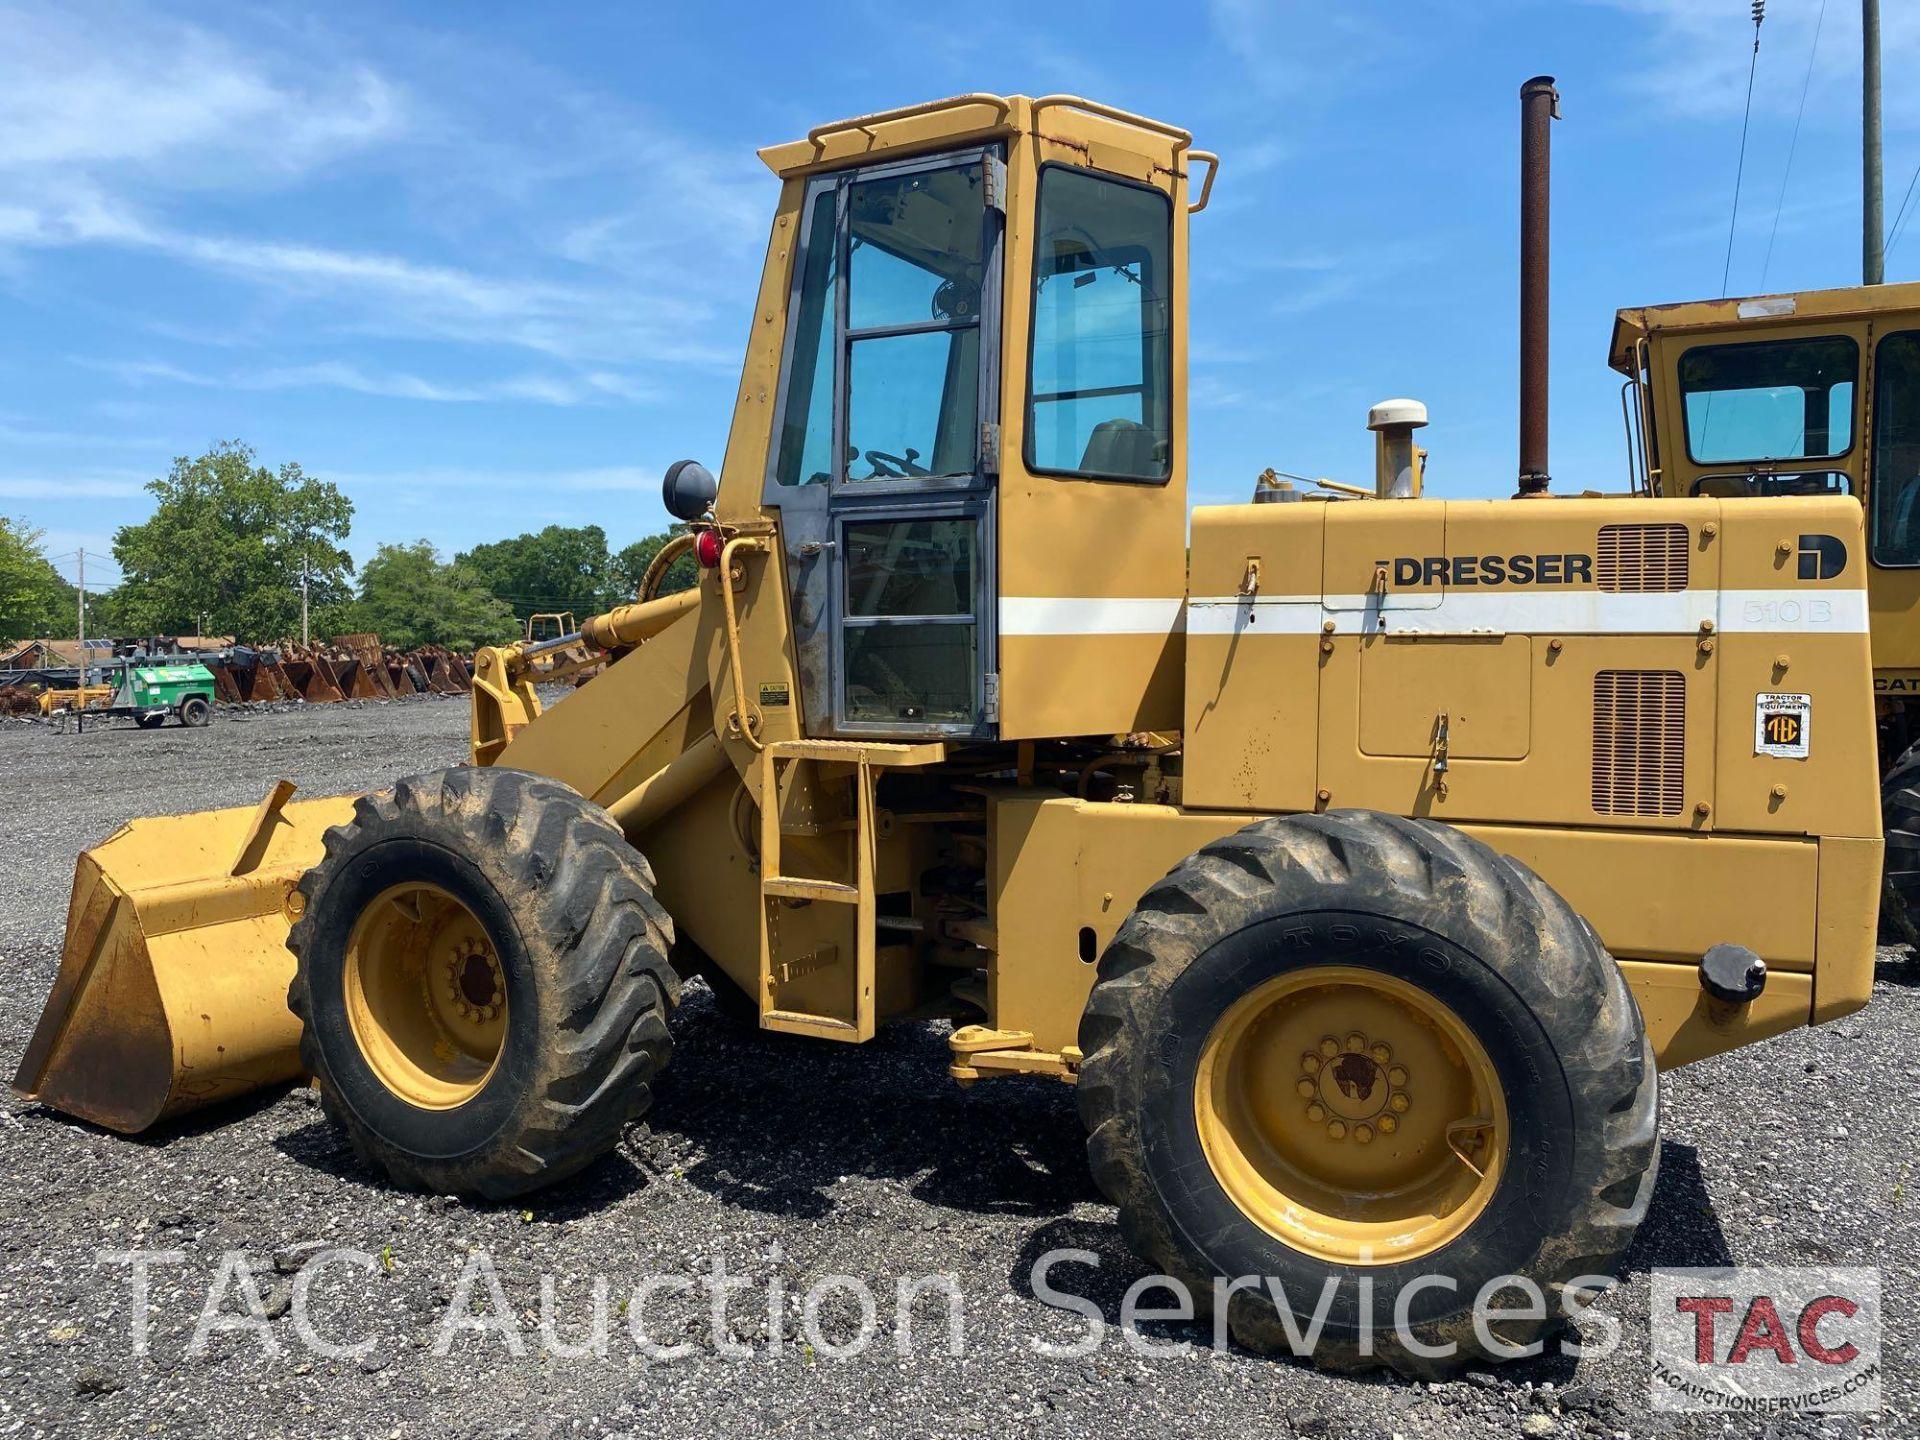 International Harvester 510B Loader - Image 4 of 31